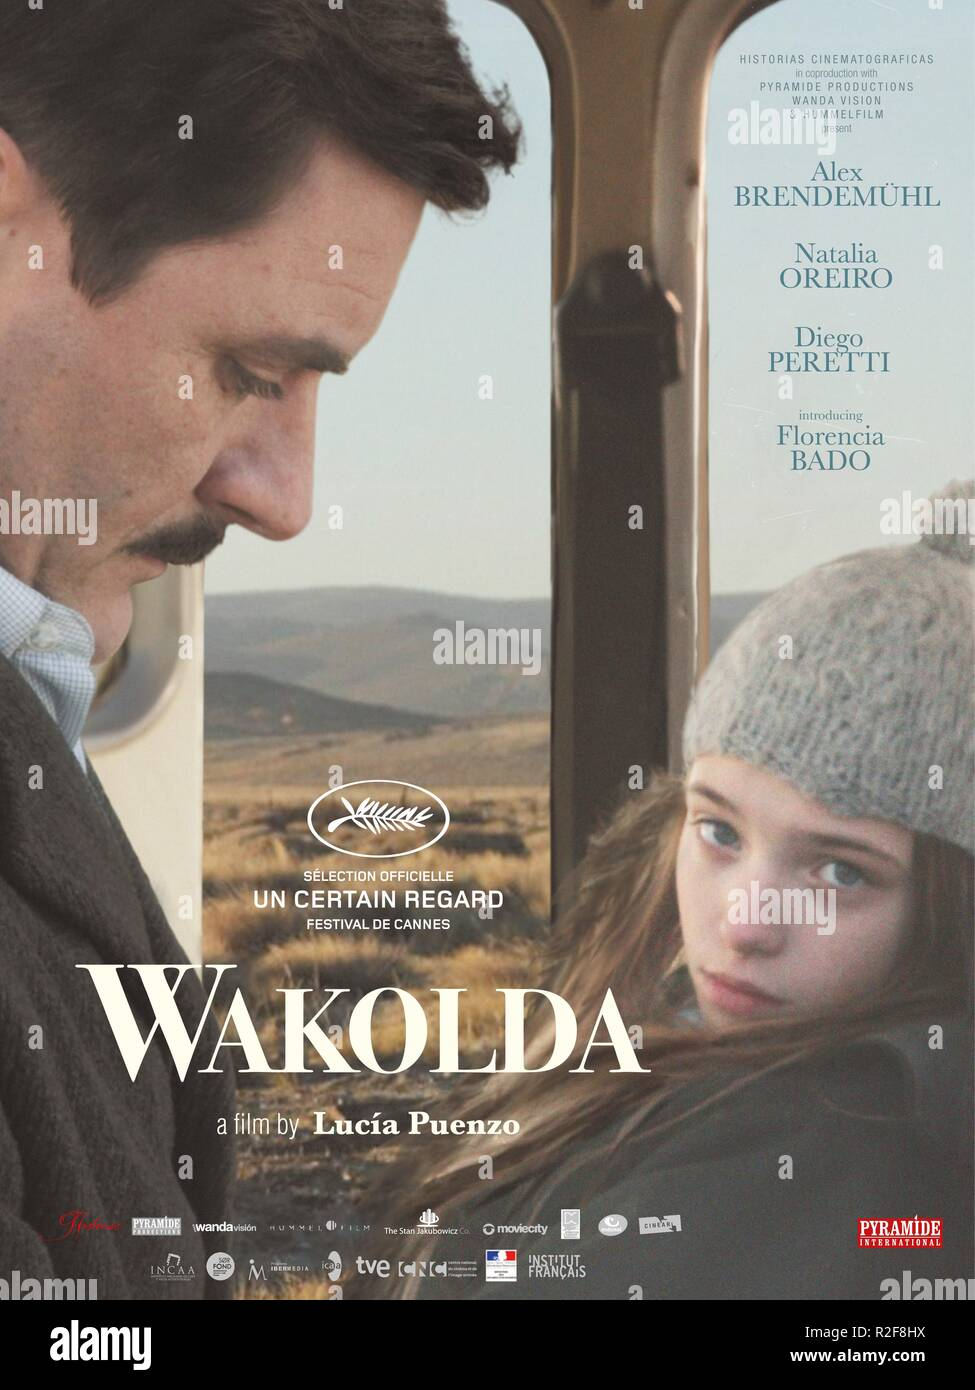 wakolda movie